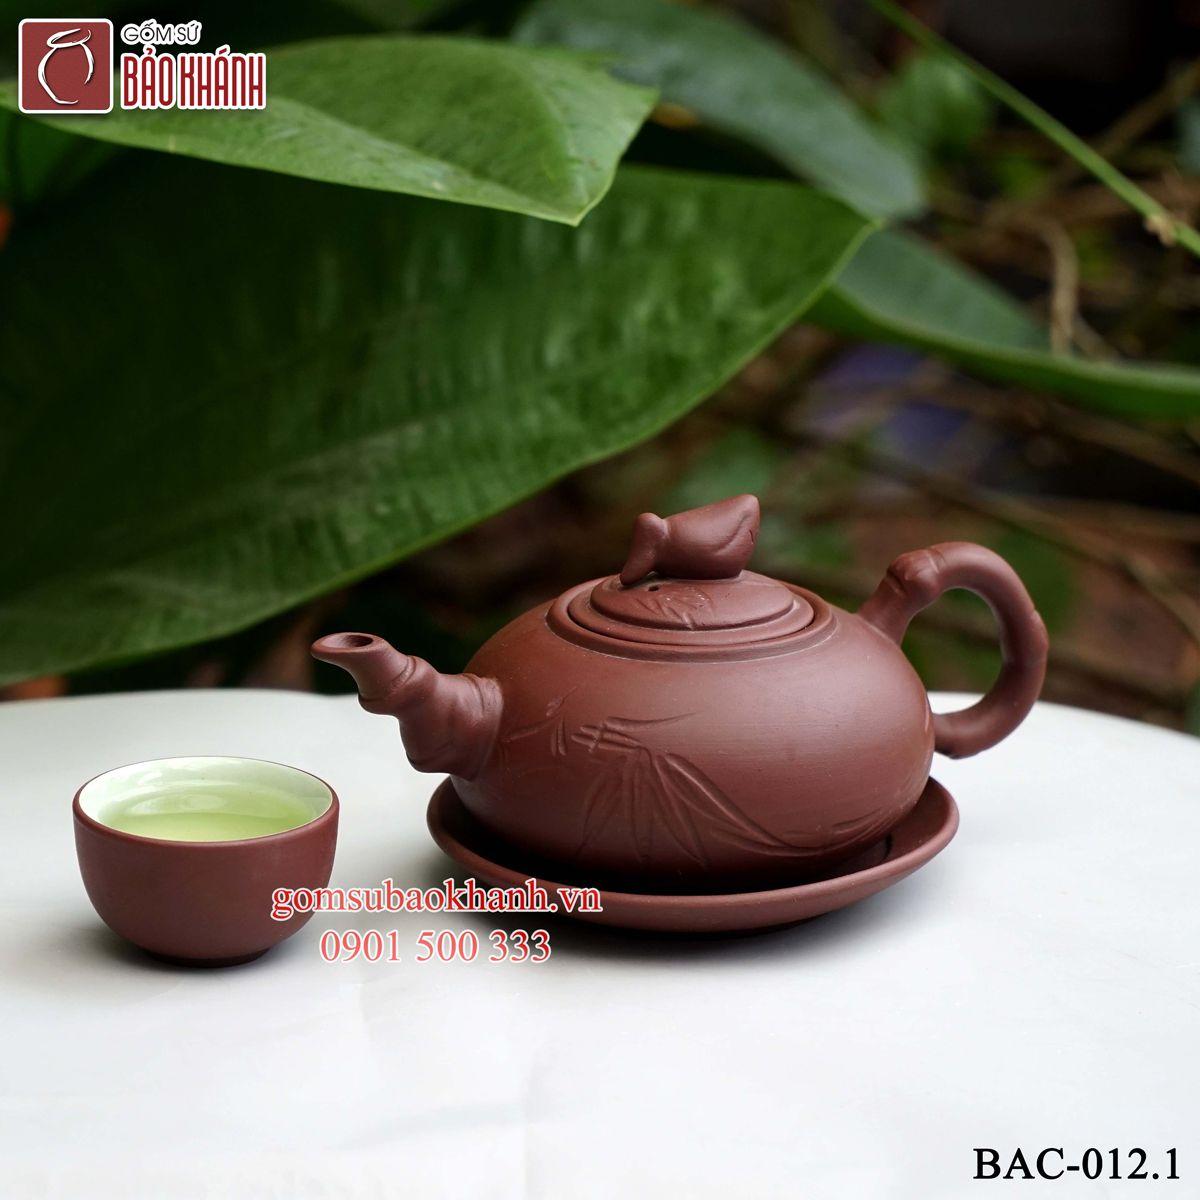 ấm trà đất tử sa chính hãng bát tràng